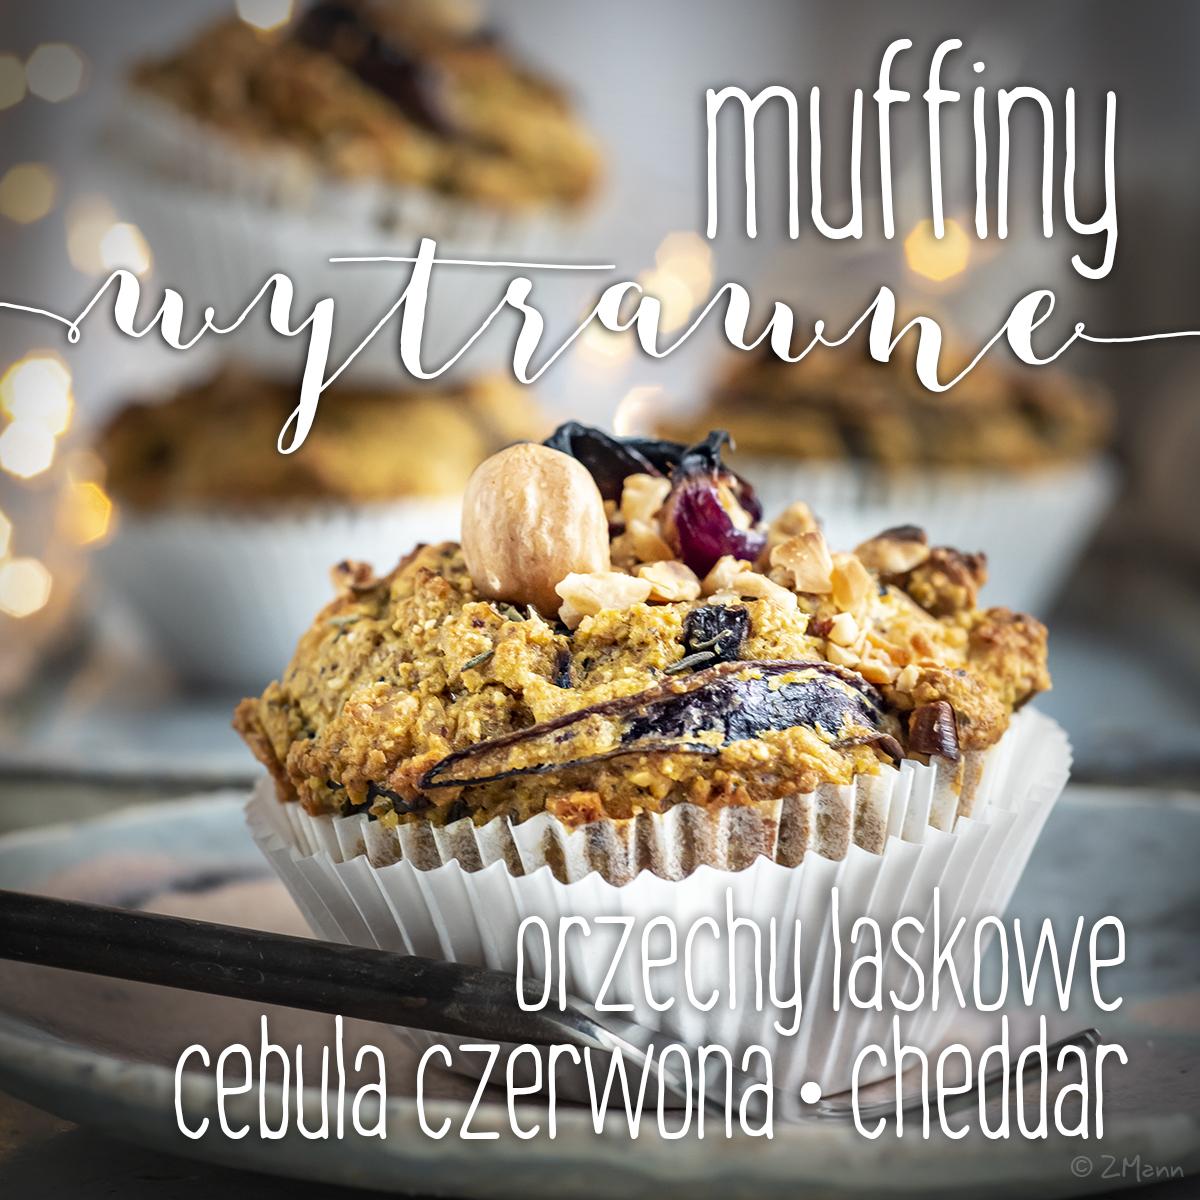 z widokiem na stół   |   muffiny wytrawne : orzechy laskowe . cebula czerwona . cheddar